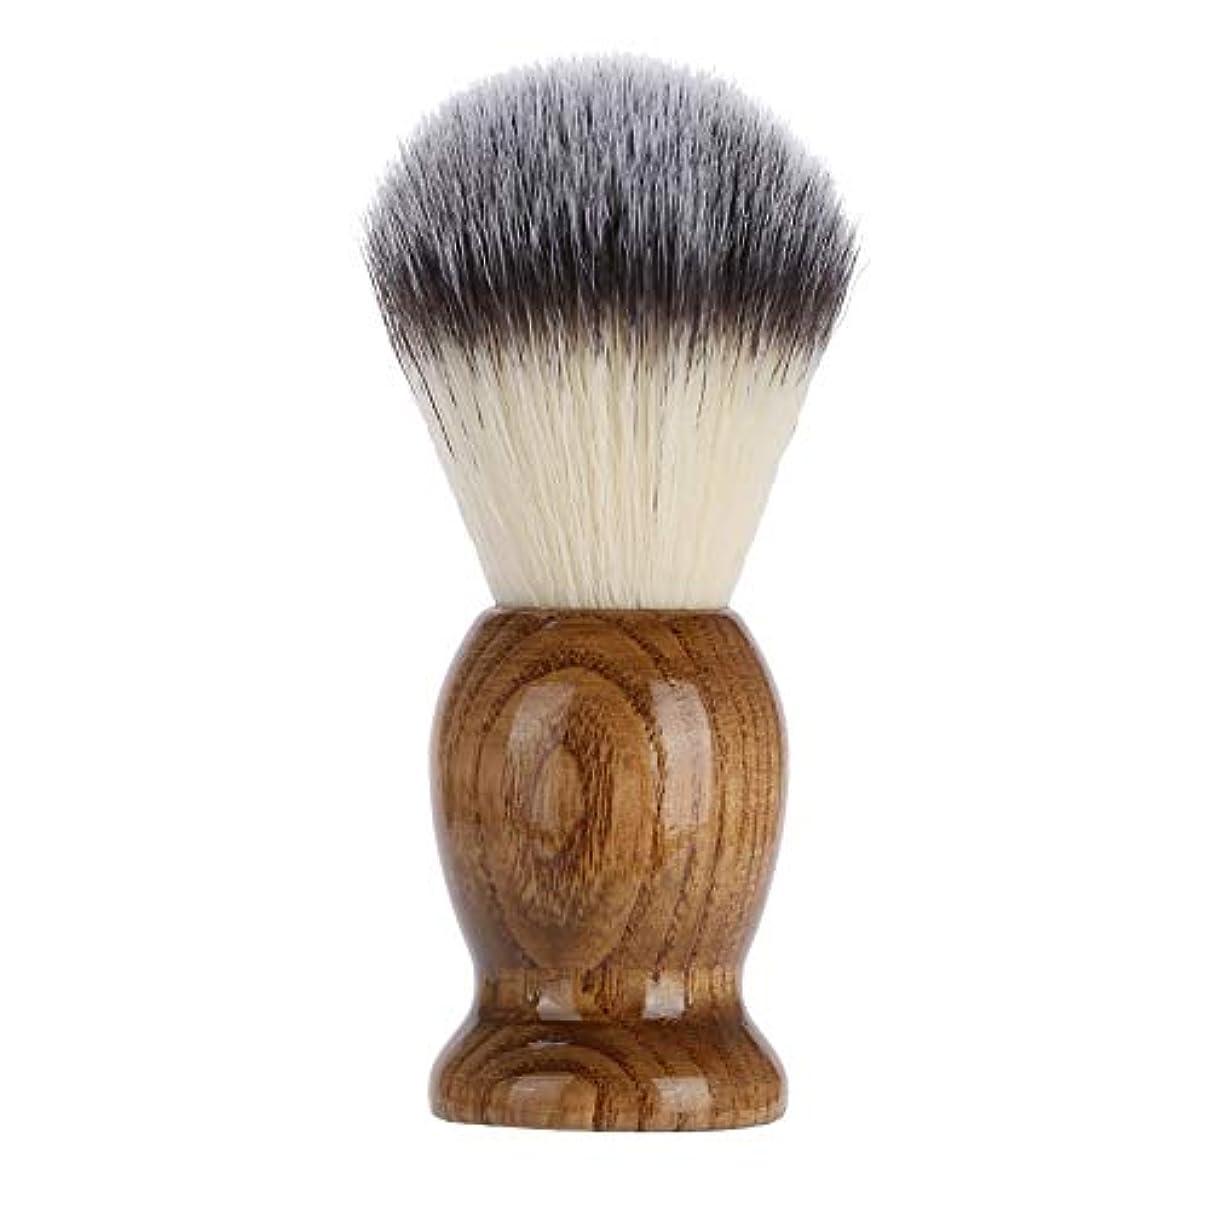 実行可能悲しむイースターZJchao プロフェッショナル 木製シェービングブラシ 2色 あご髭シェービングブラシ 軽量 ポータブルサイズとハンドル付き サロンでの使用や旅行での使用に最適 ZJchao9m1n85gxus-02